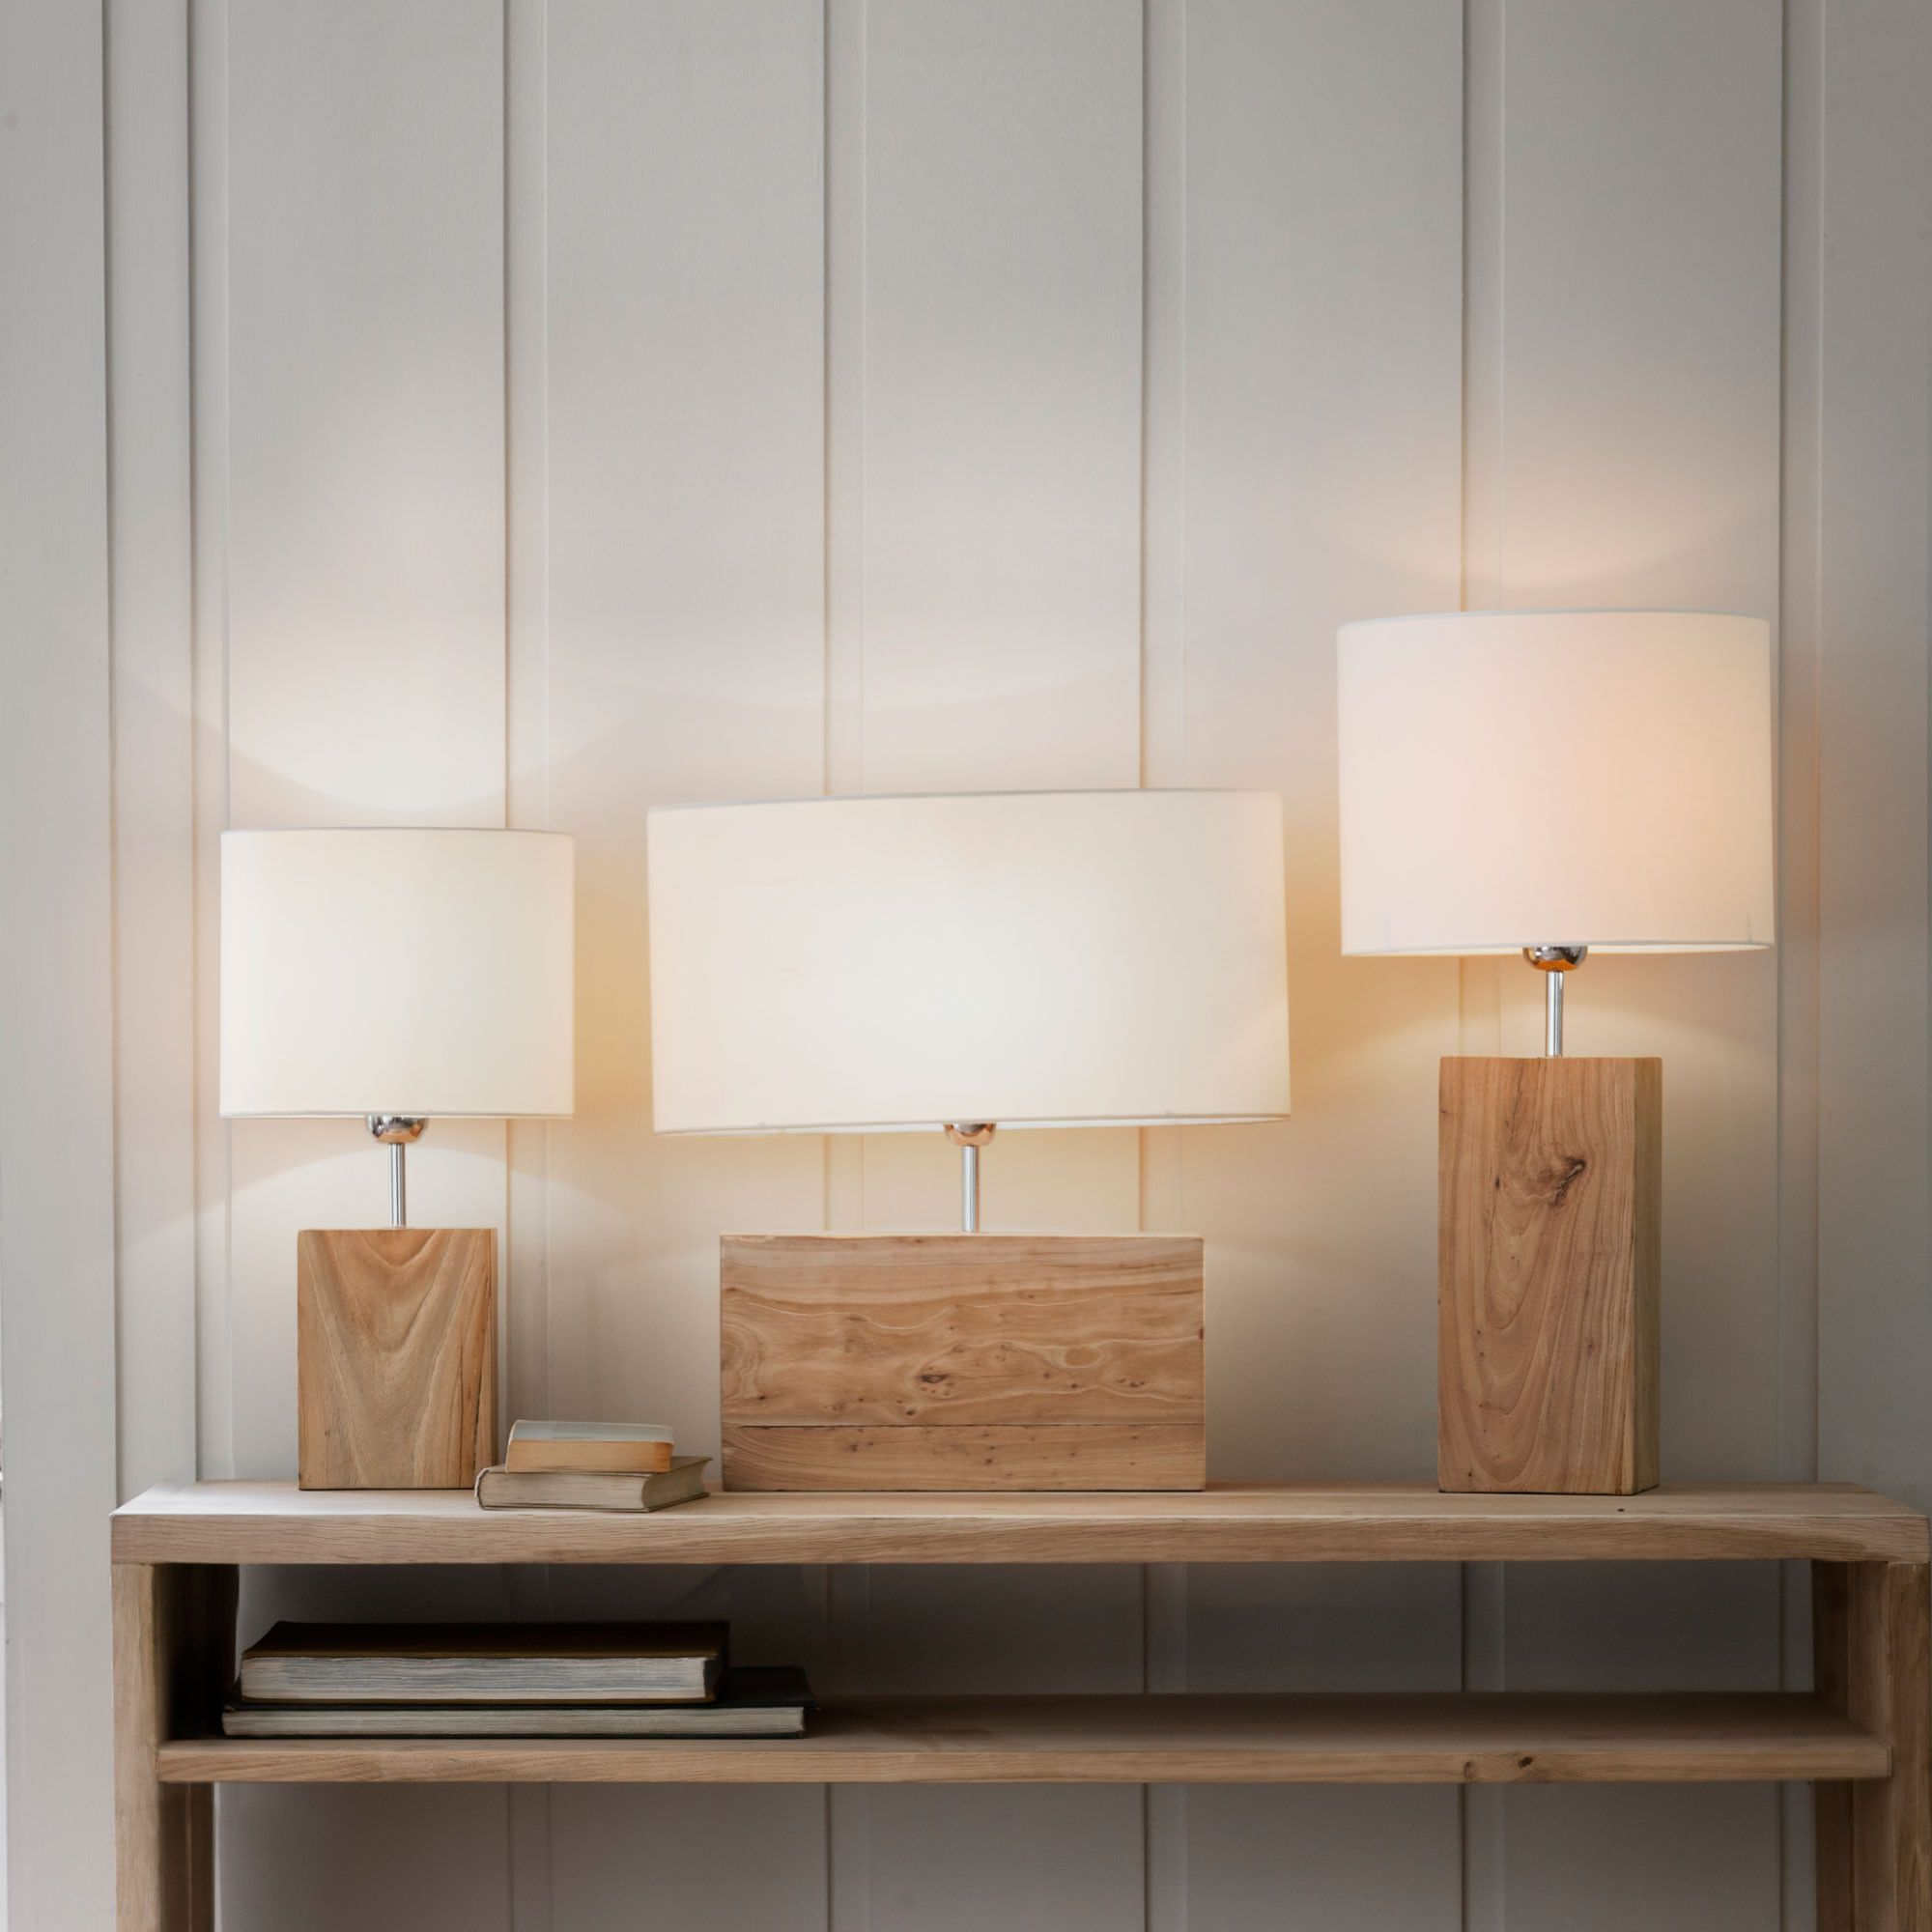 lampara de mesa elm mimubcom